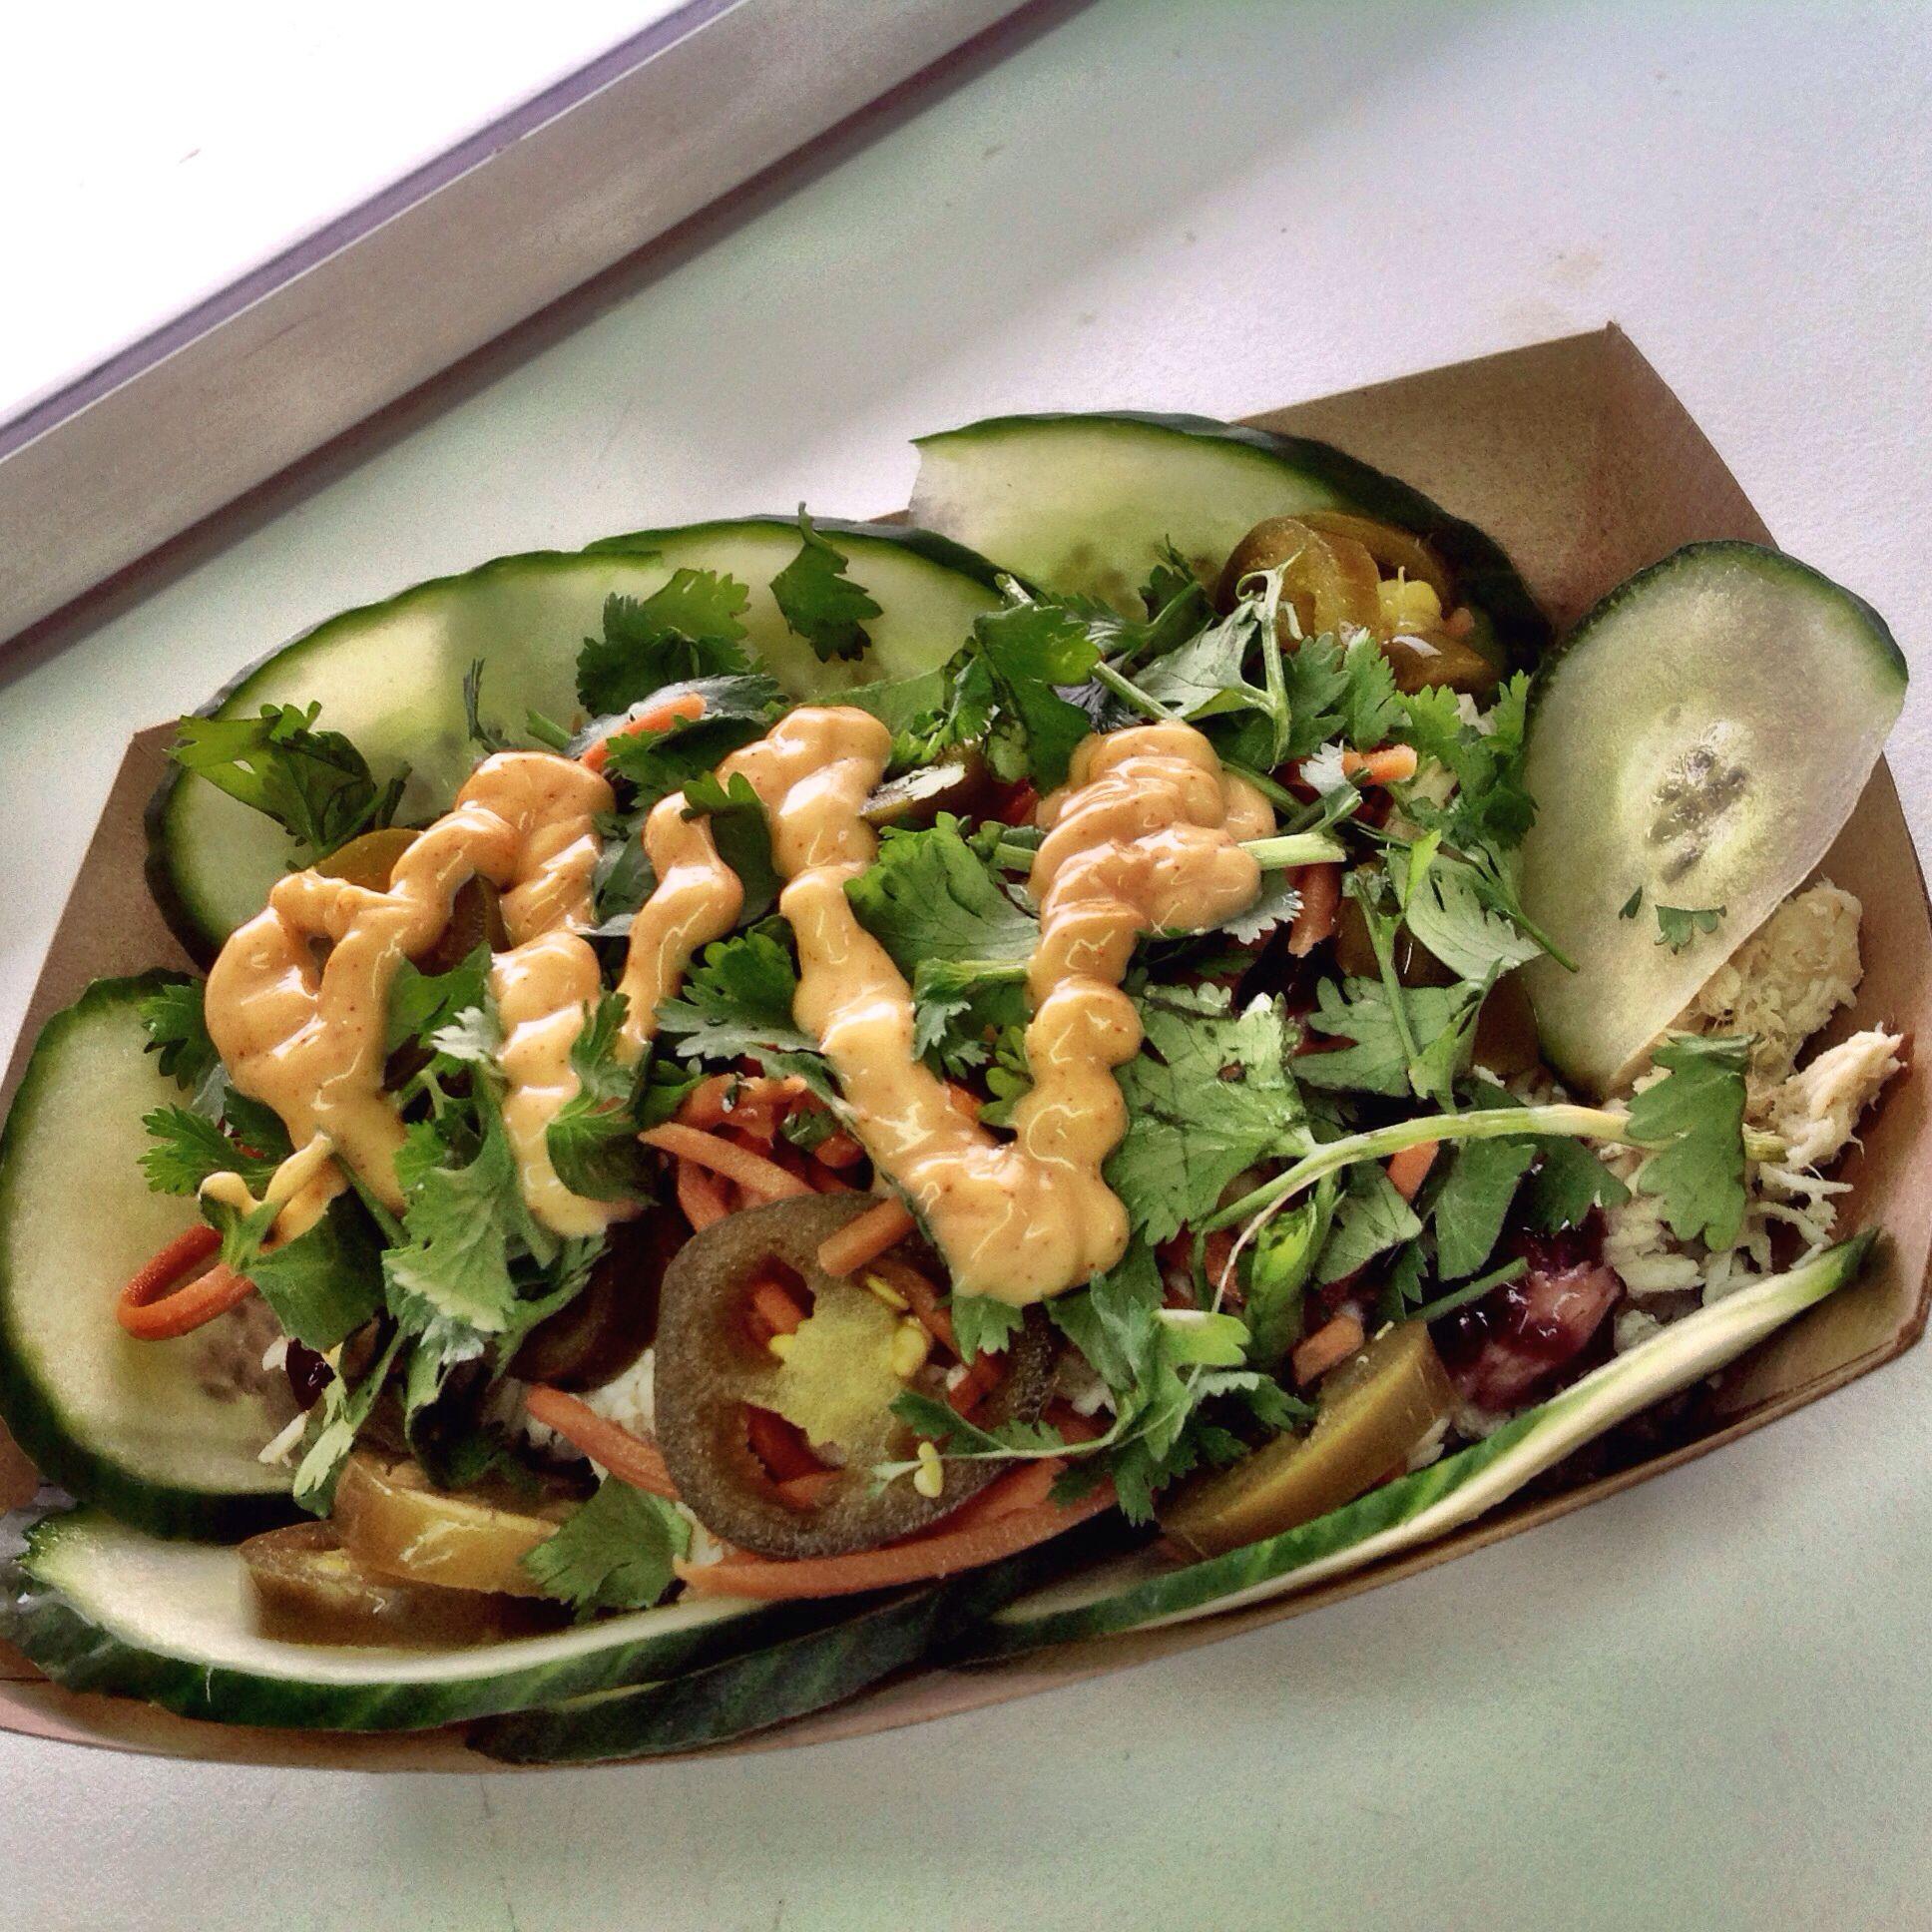 Banh mi salad gluten free food food truck